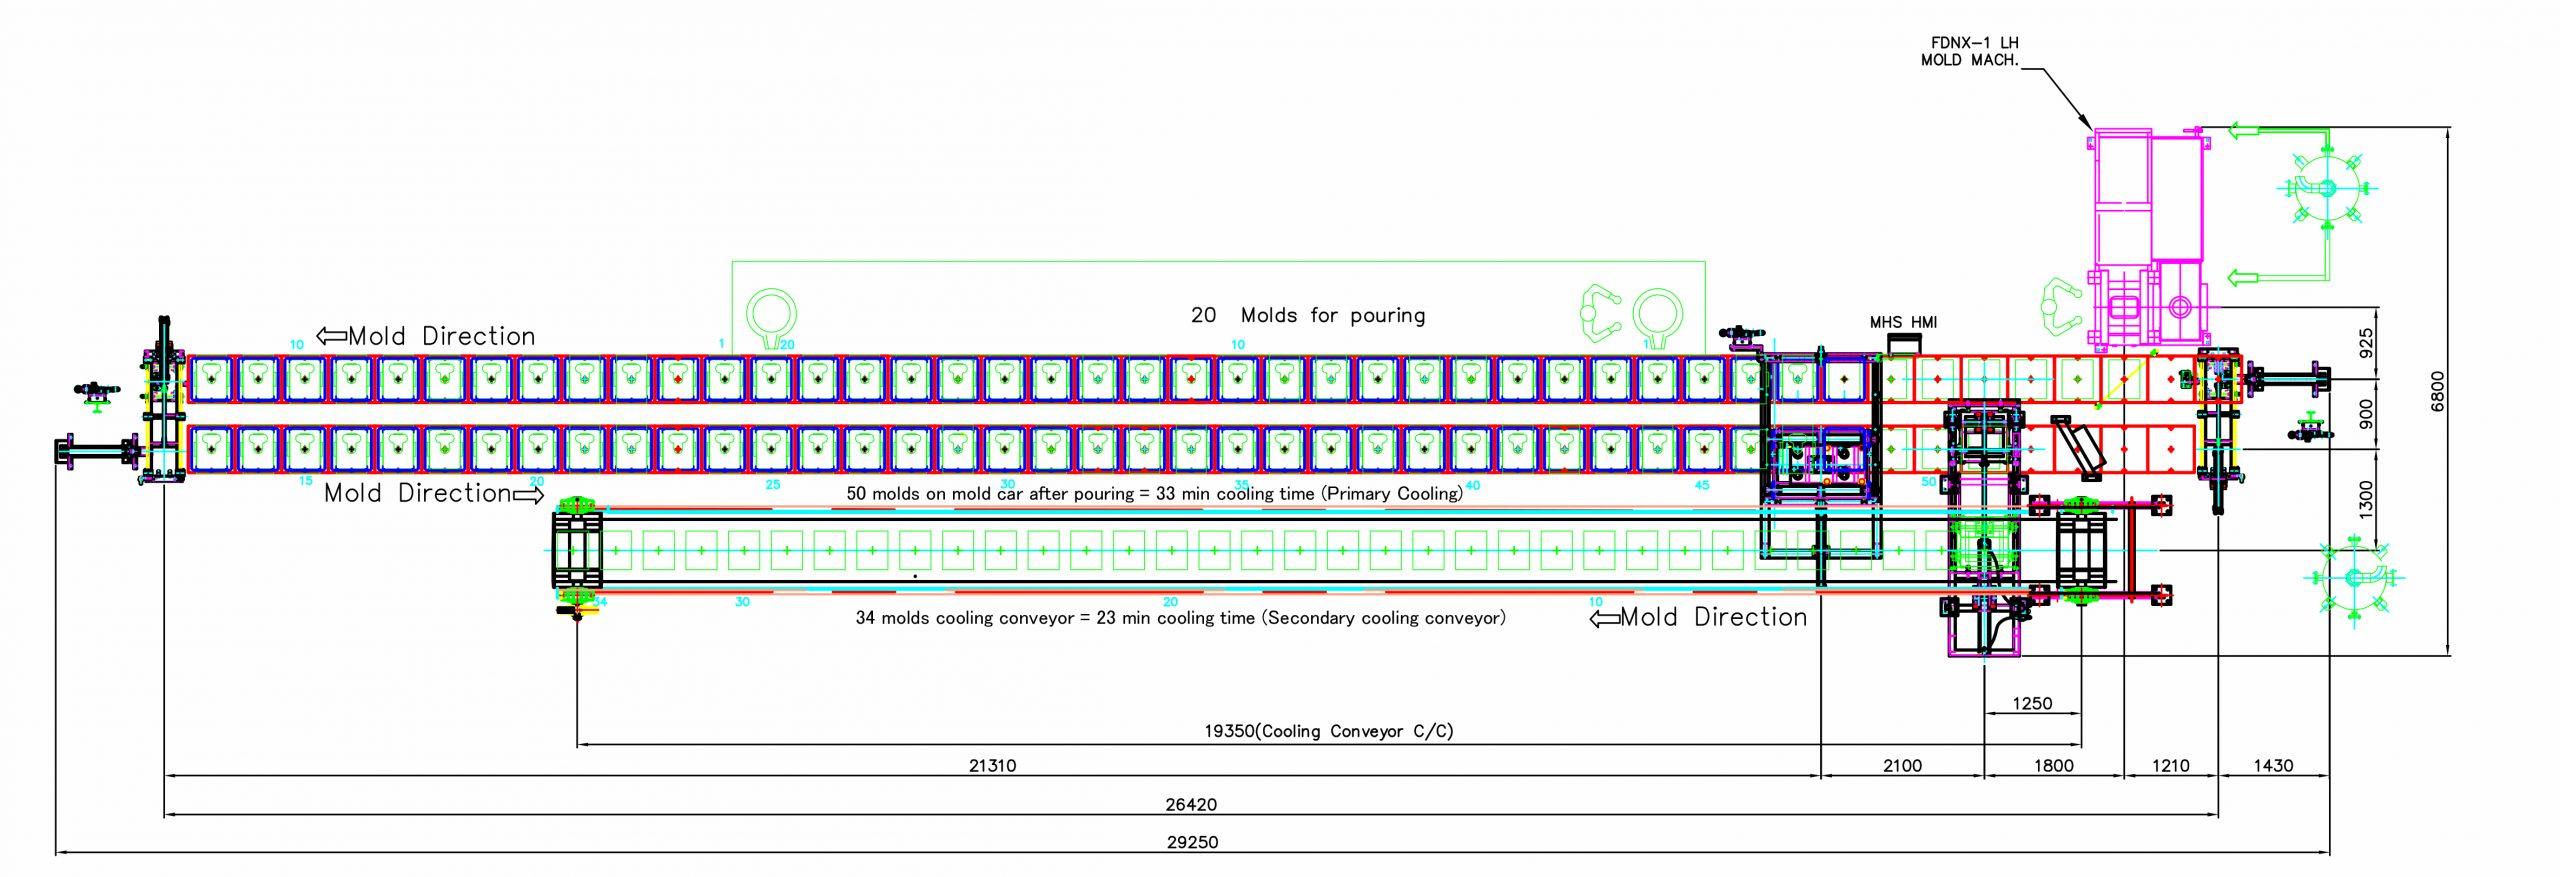 FDNX-1 MHS LH COLOR